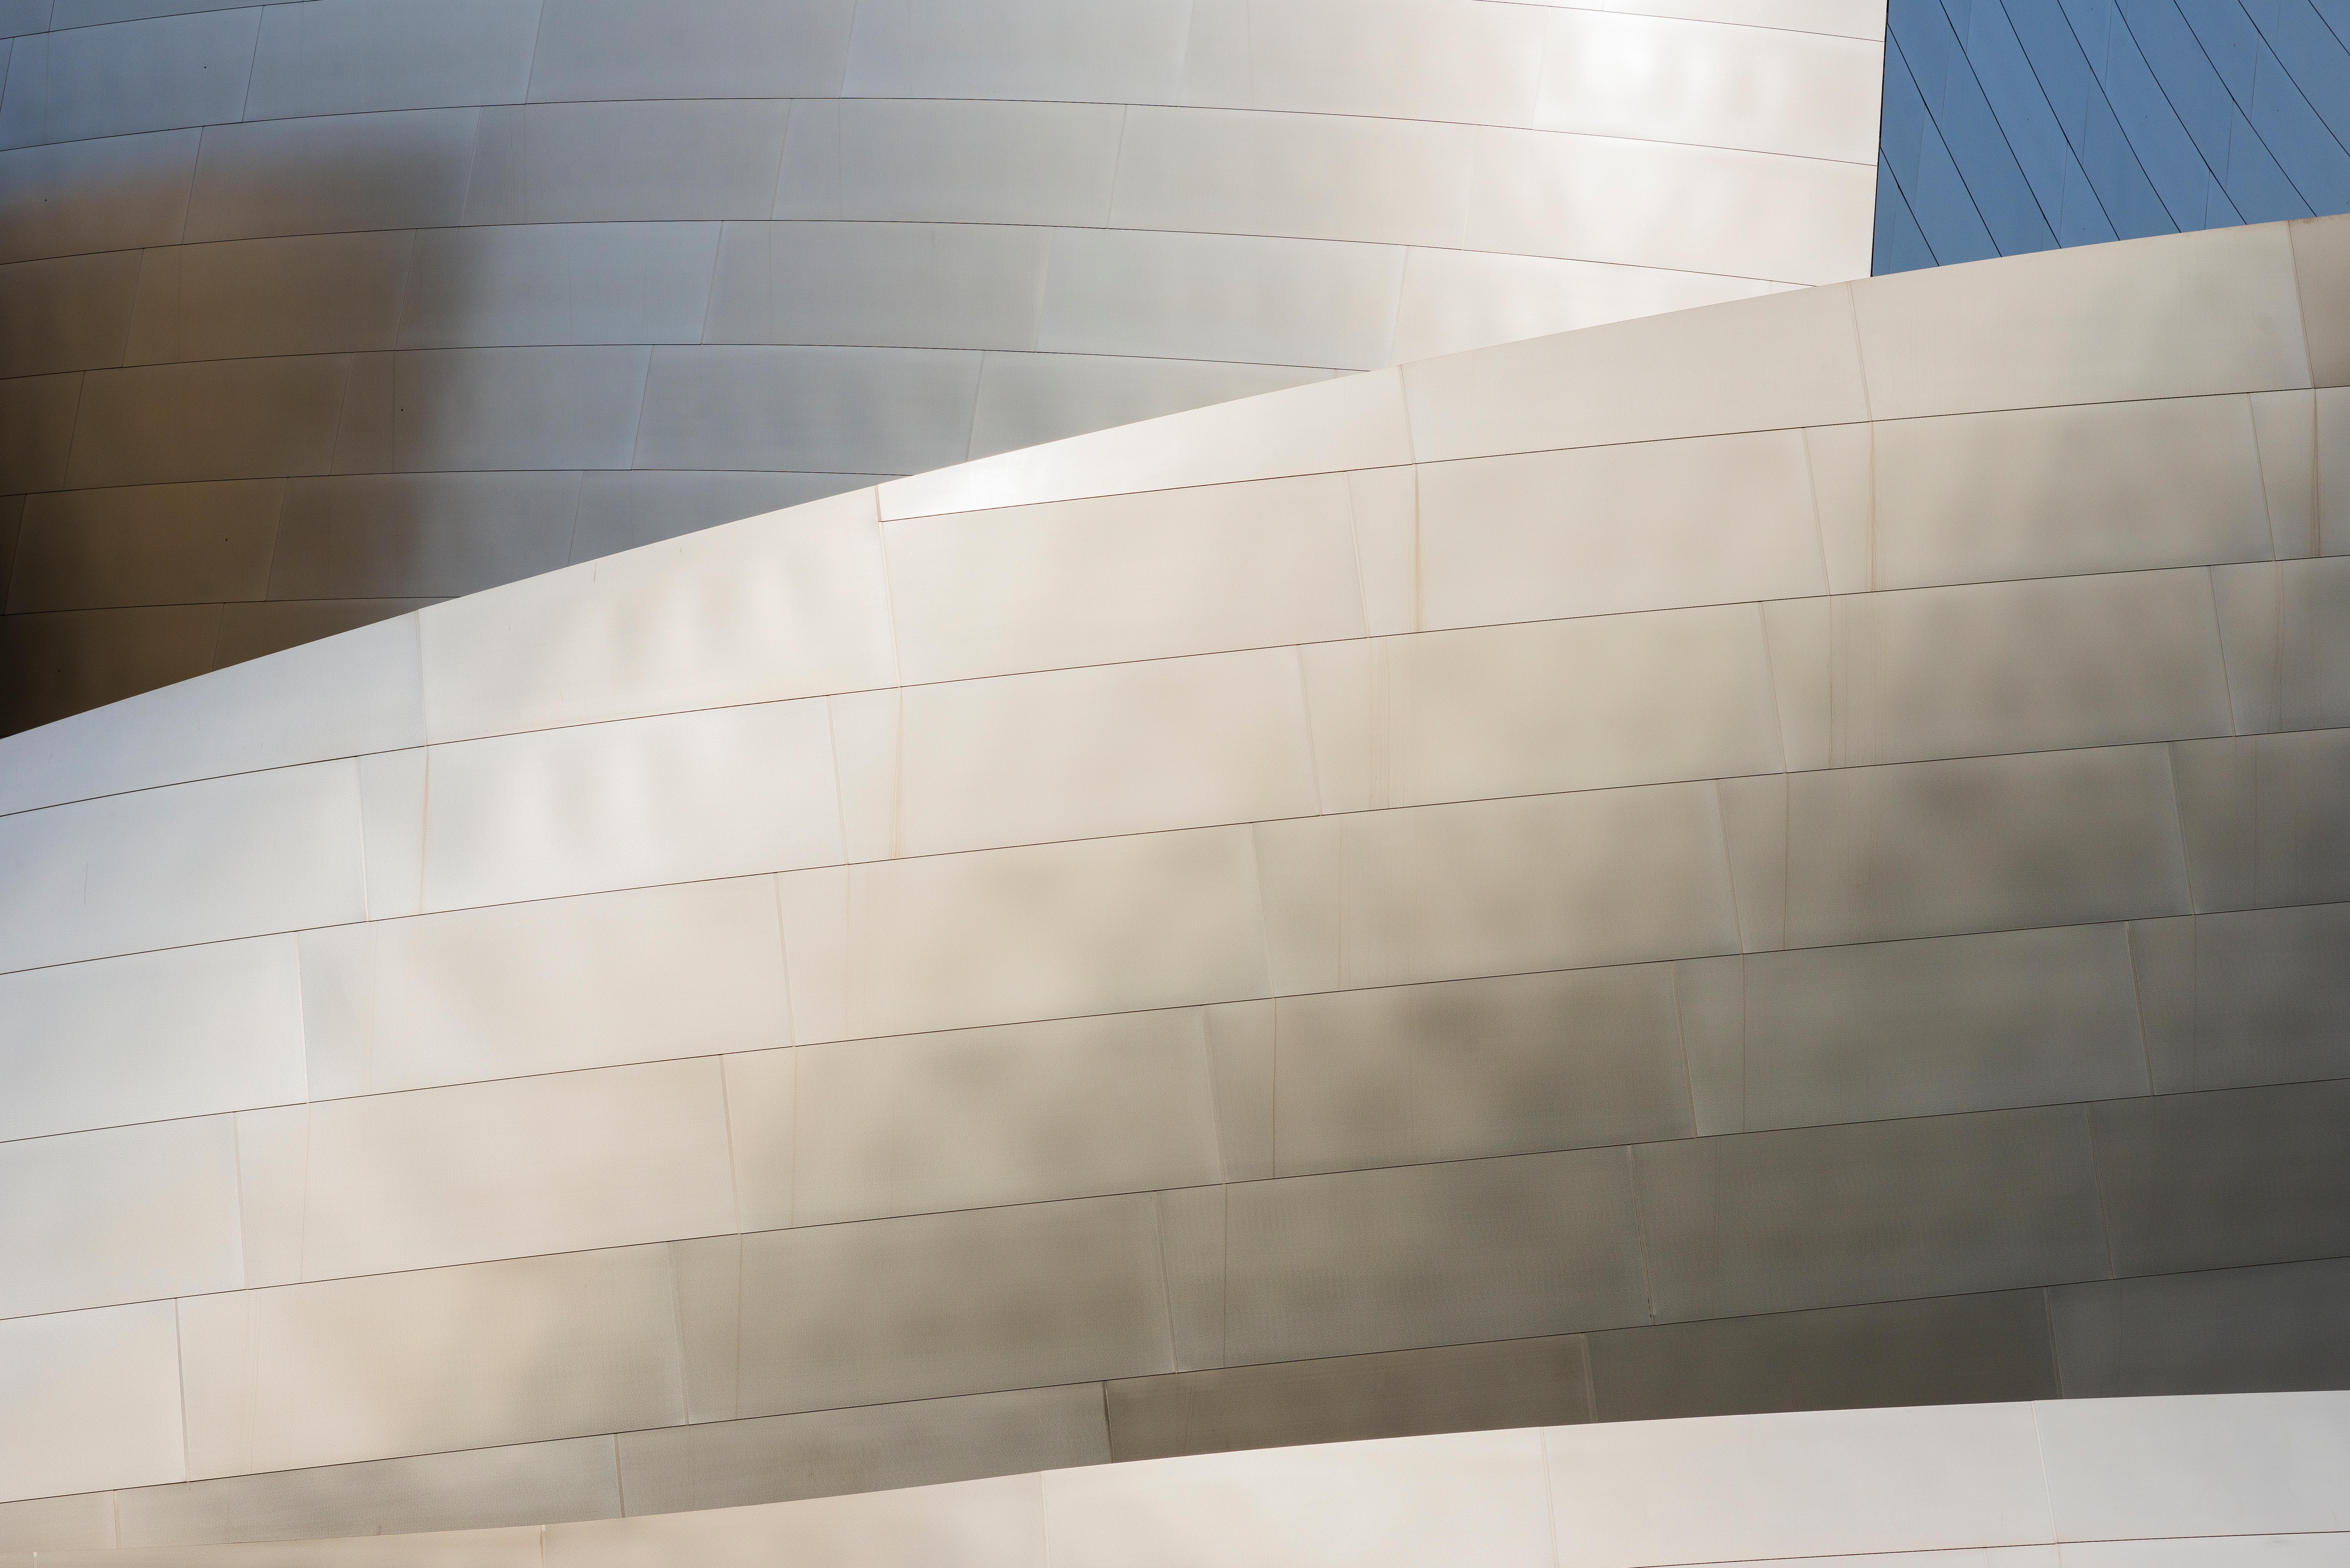 wood white floor wall ceiling line facade tile material interior design design shape plaster flooring